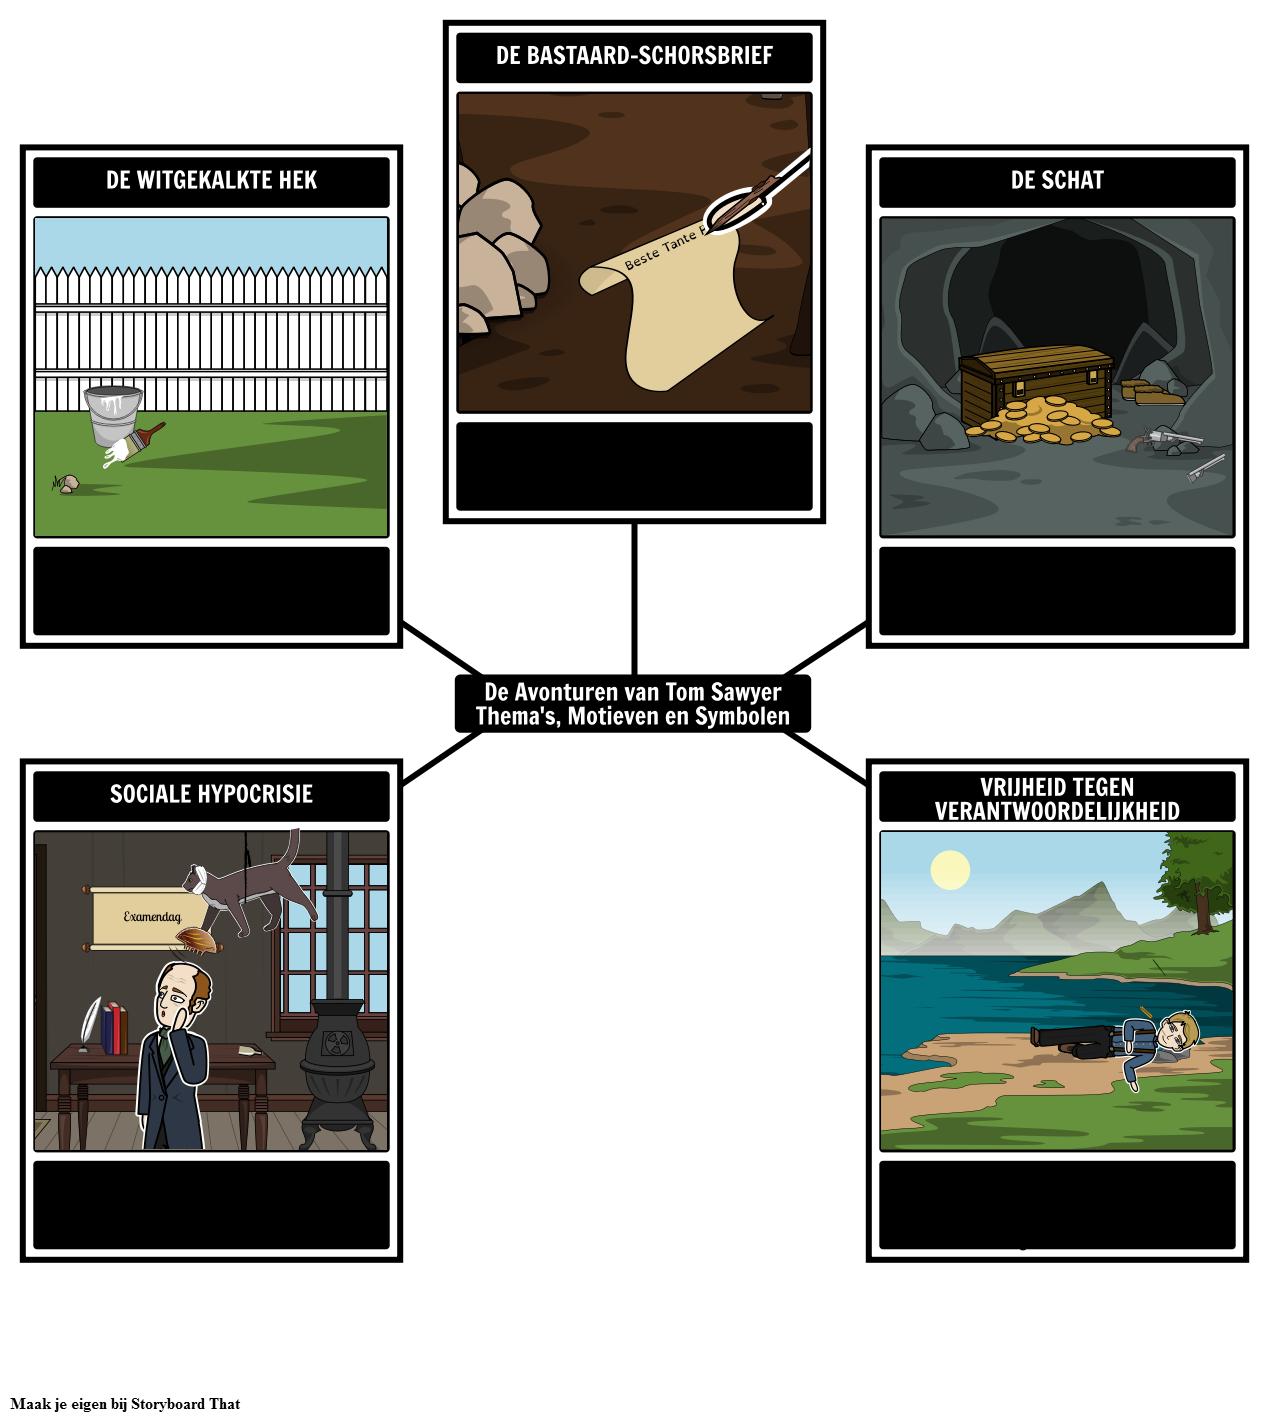 De Avonturen van Tom Sawyer Thema's, Motieven en Symbolen